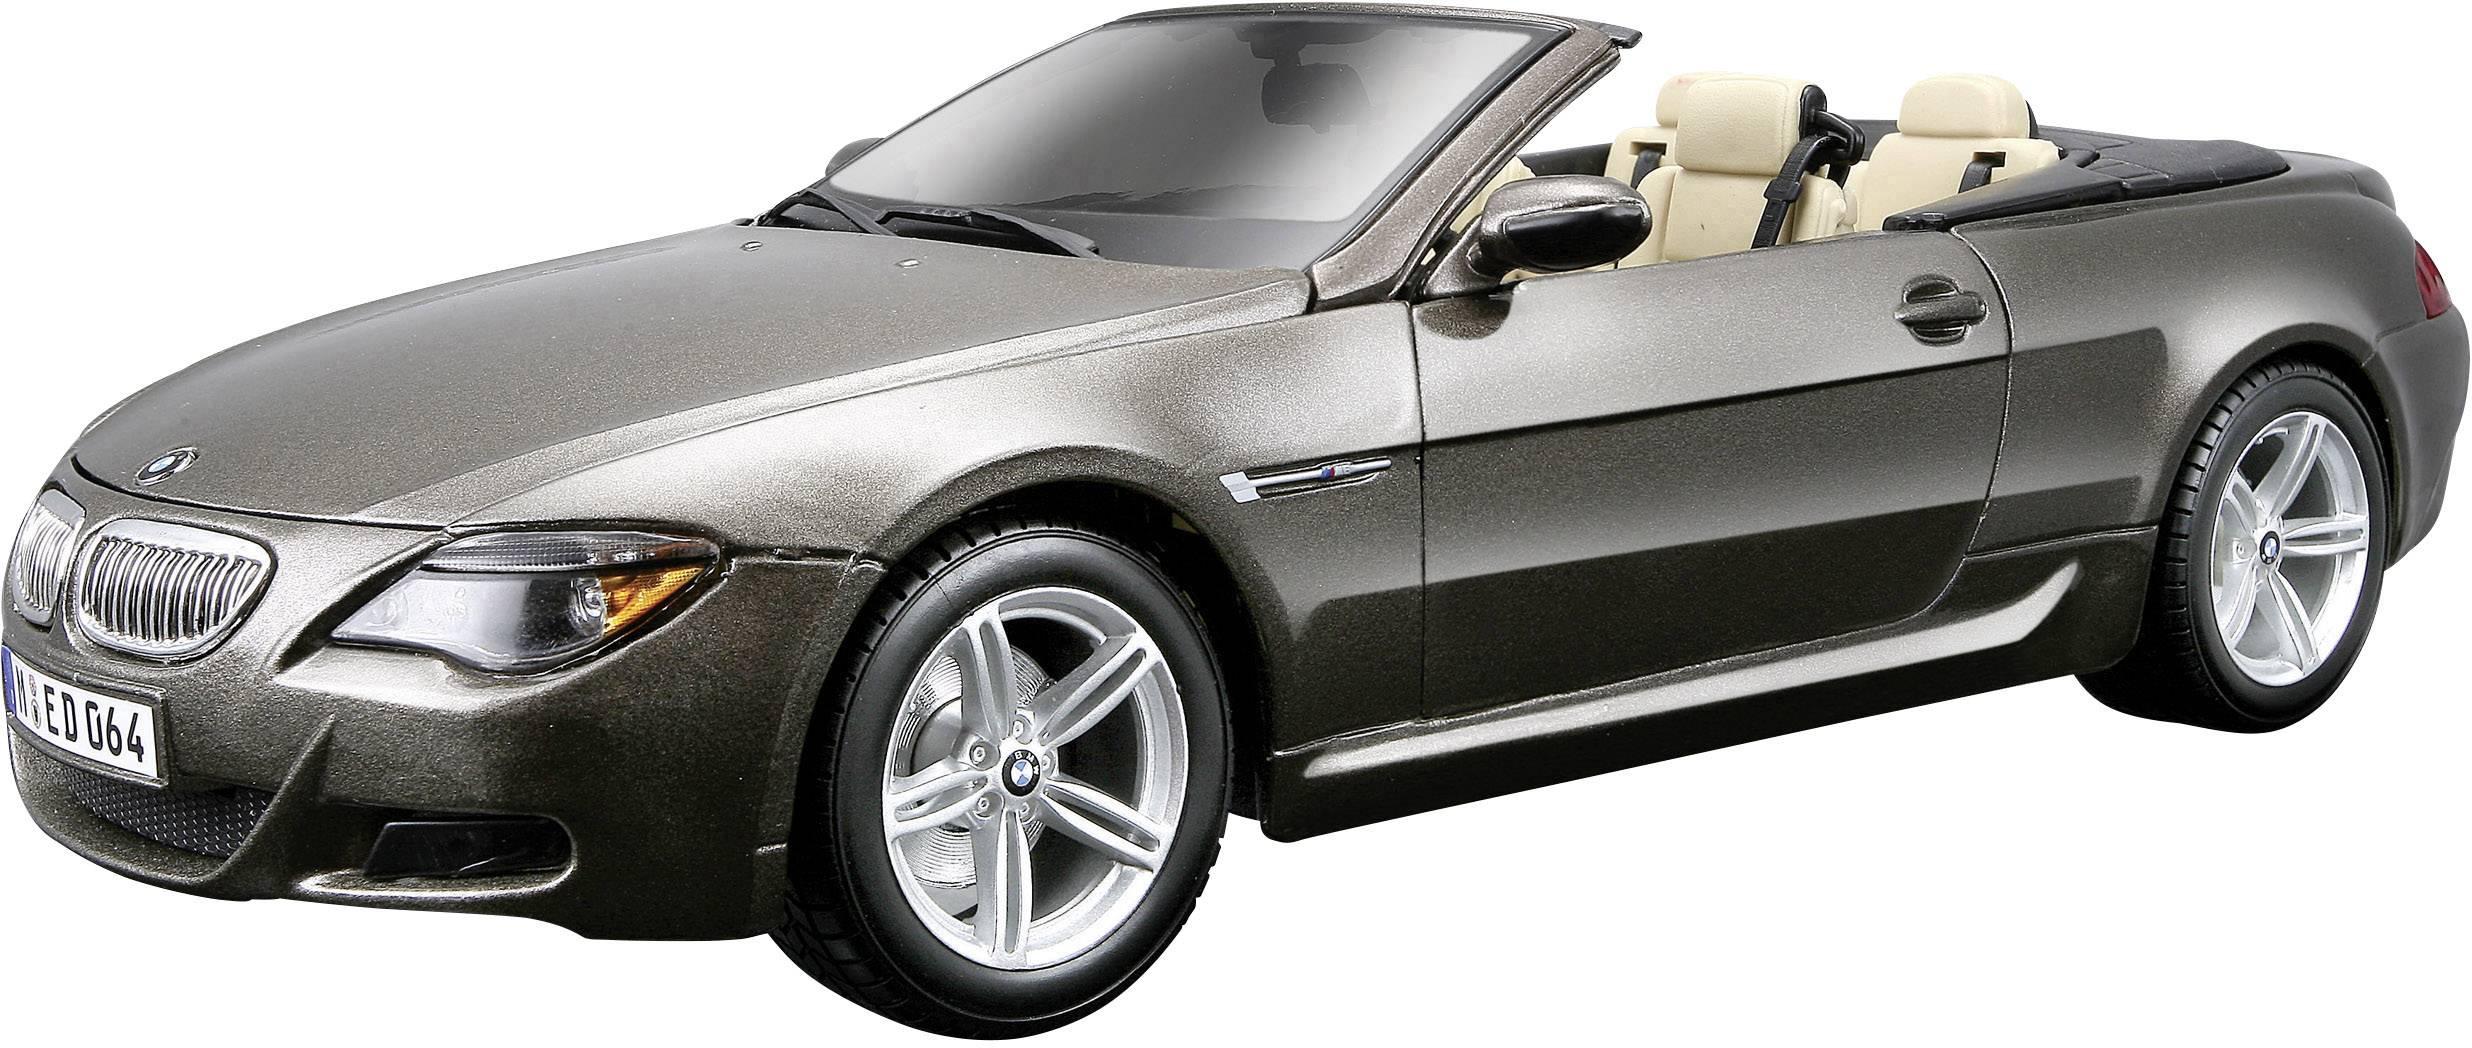 Maisto Bmw M6 Cabrio 118 Modellauto Kaufen